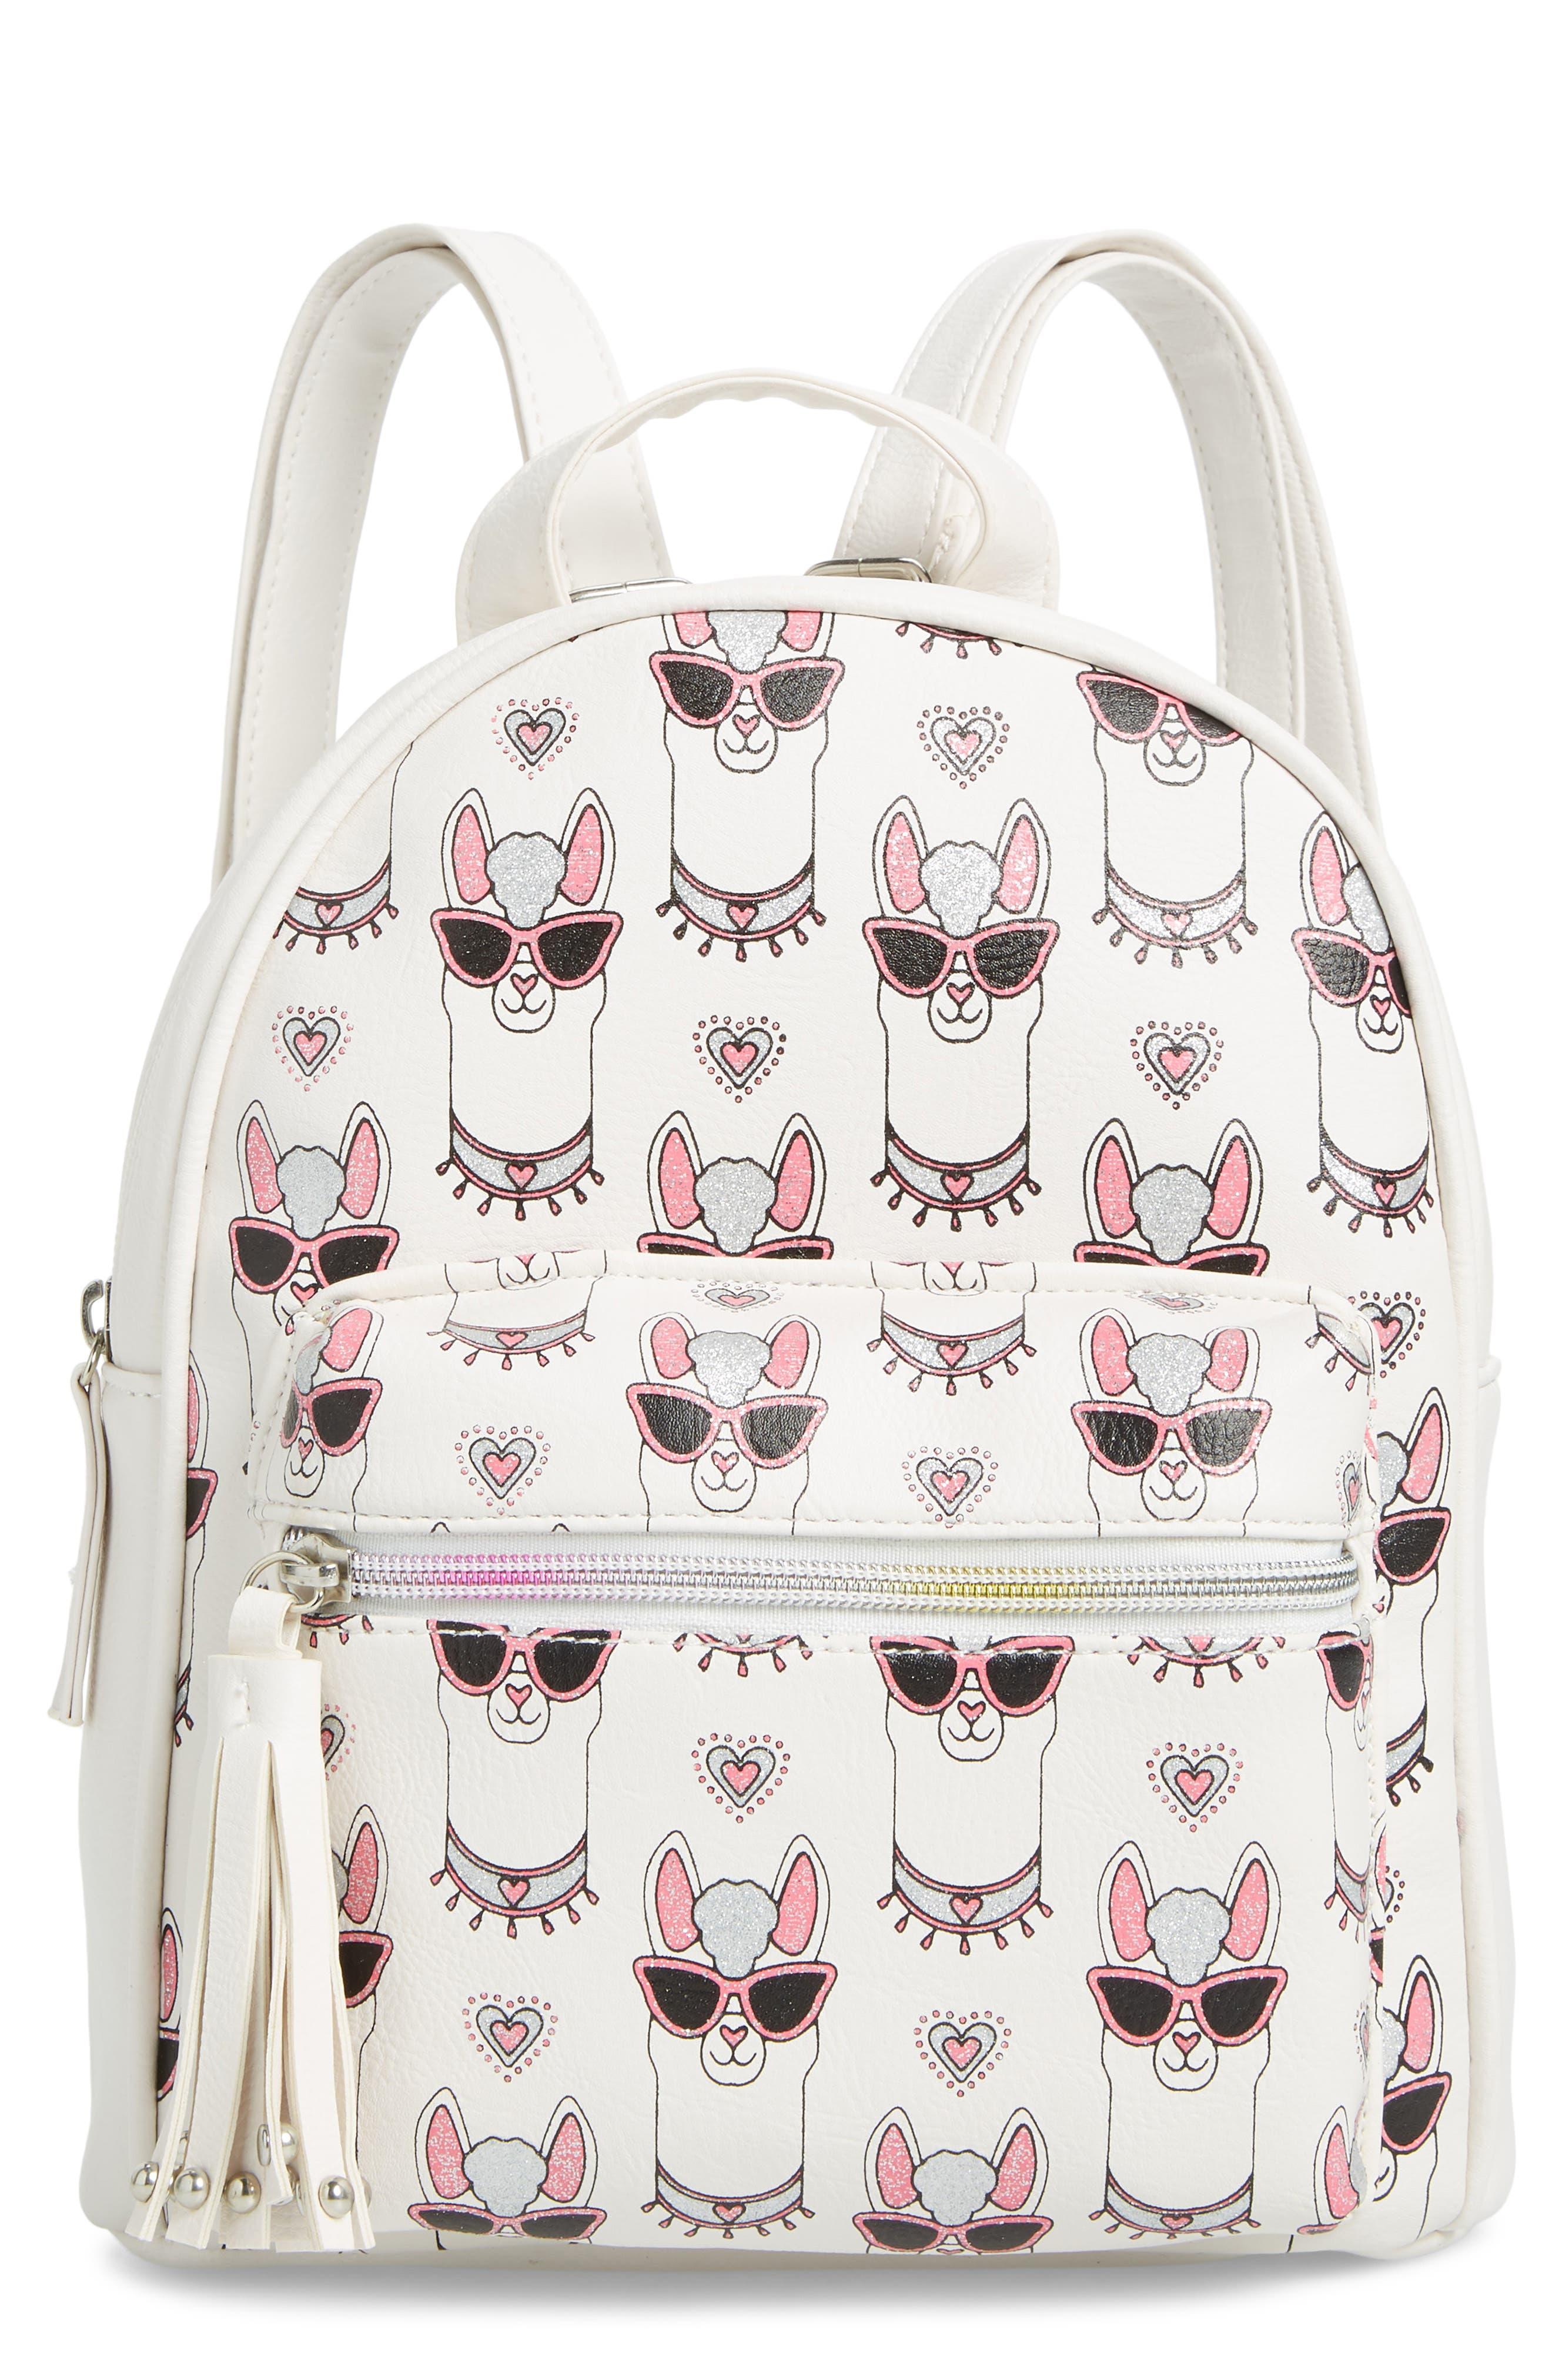 Girls Omg Llama Print Mini Backpack  White